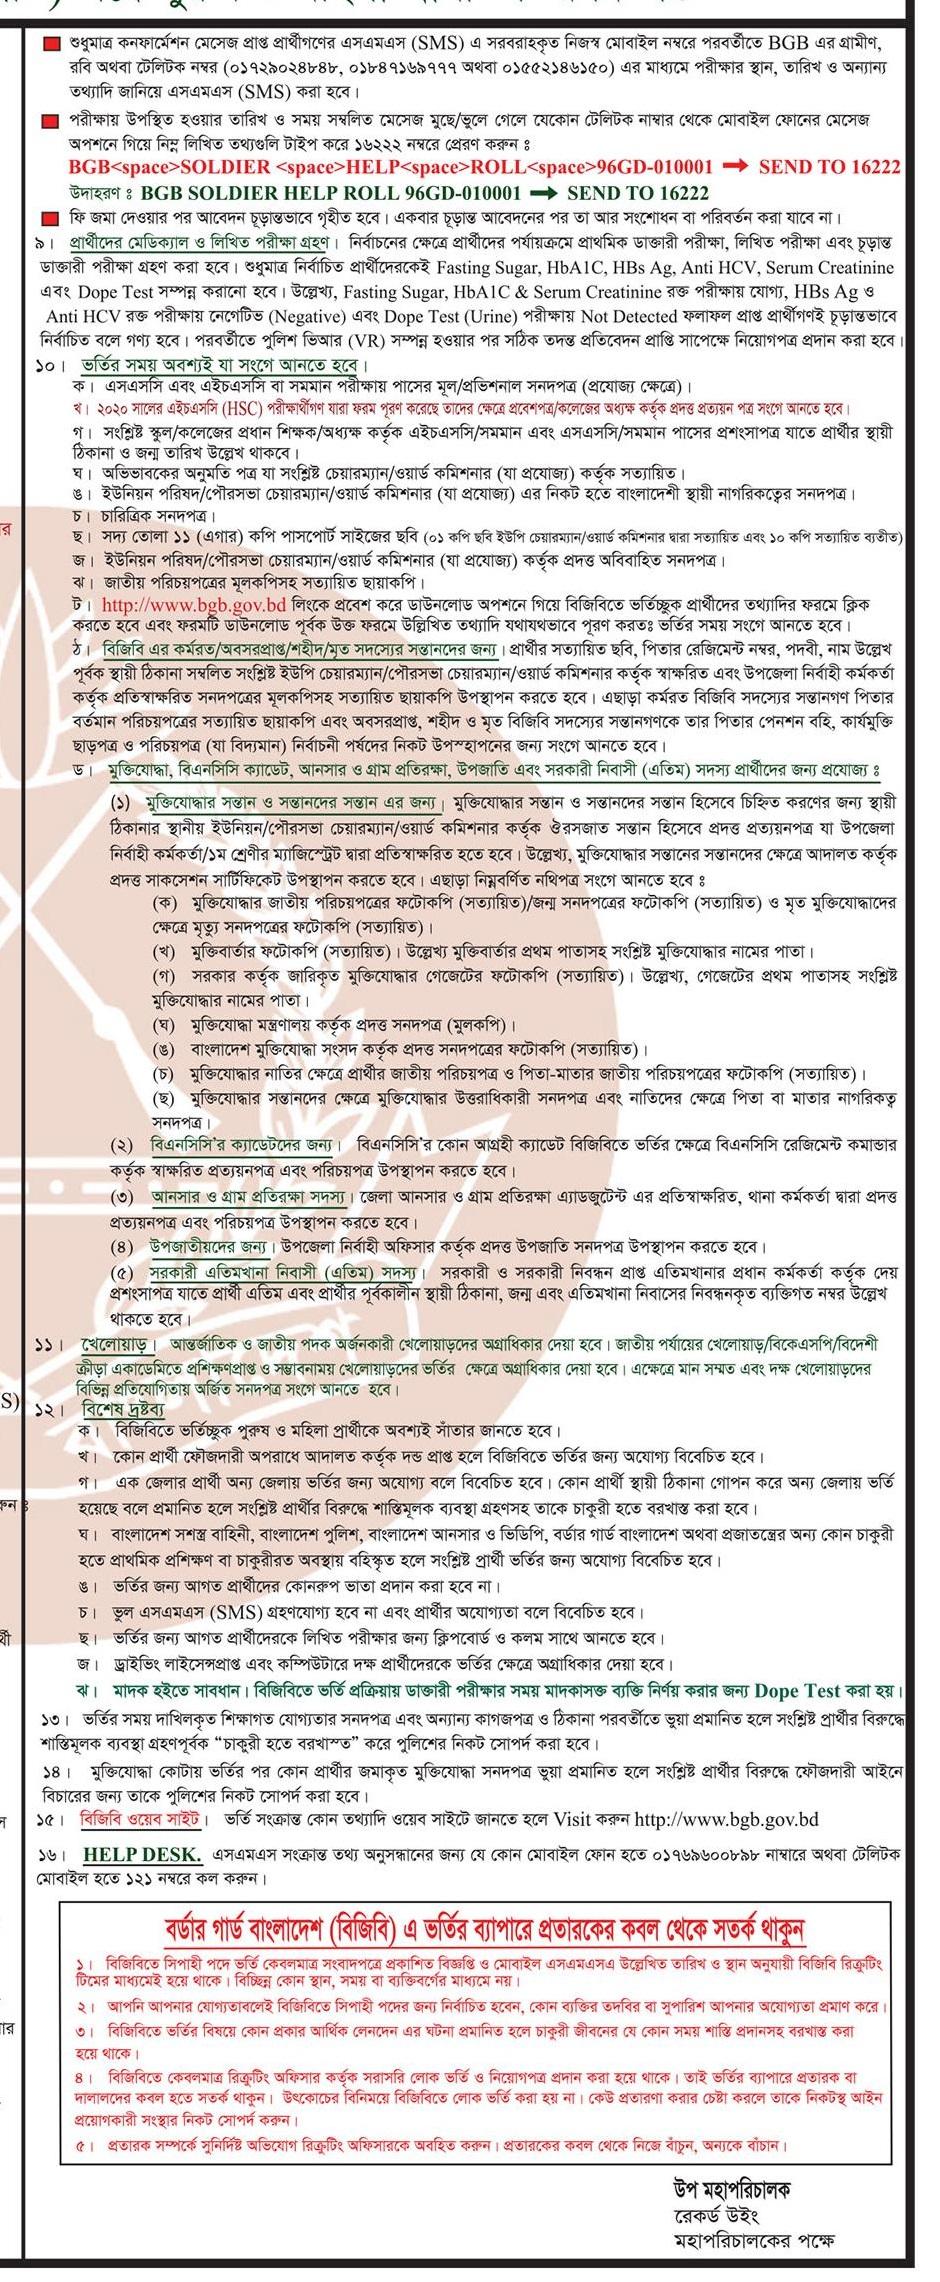 বাংলাদেশ বডার গার্ড (বিজিবি) নিয়োগ বিজ্ঞপ্তি ২০২১ -  Border Guard Bangladesh (BGB) Job Circular 2021